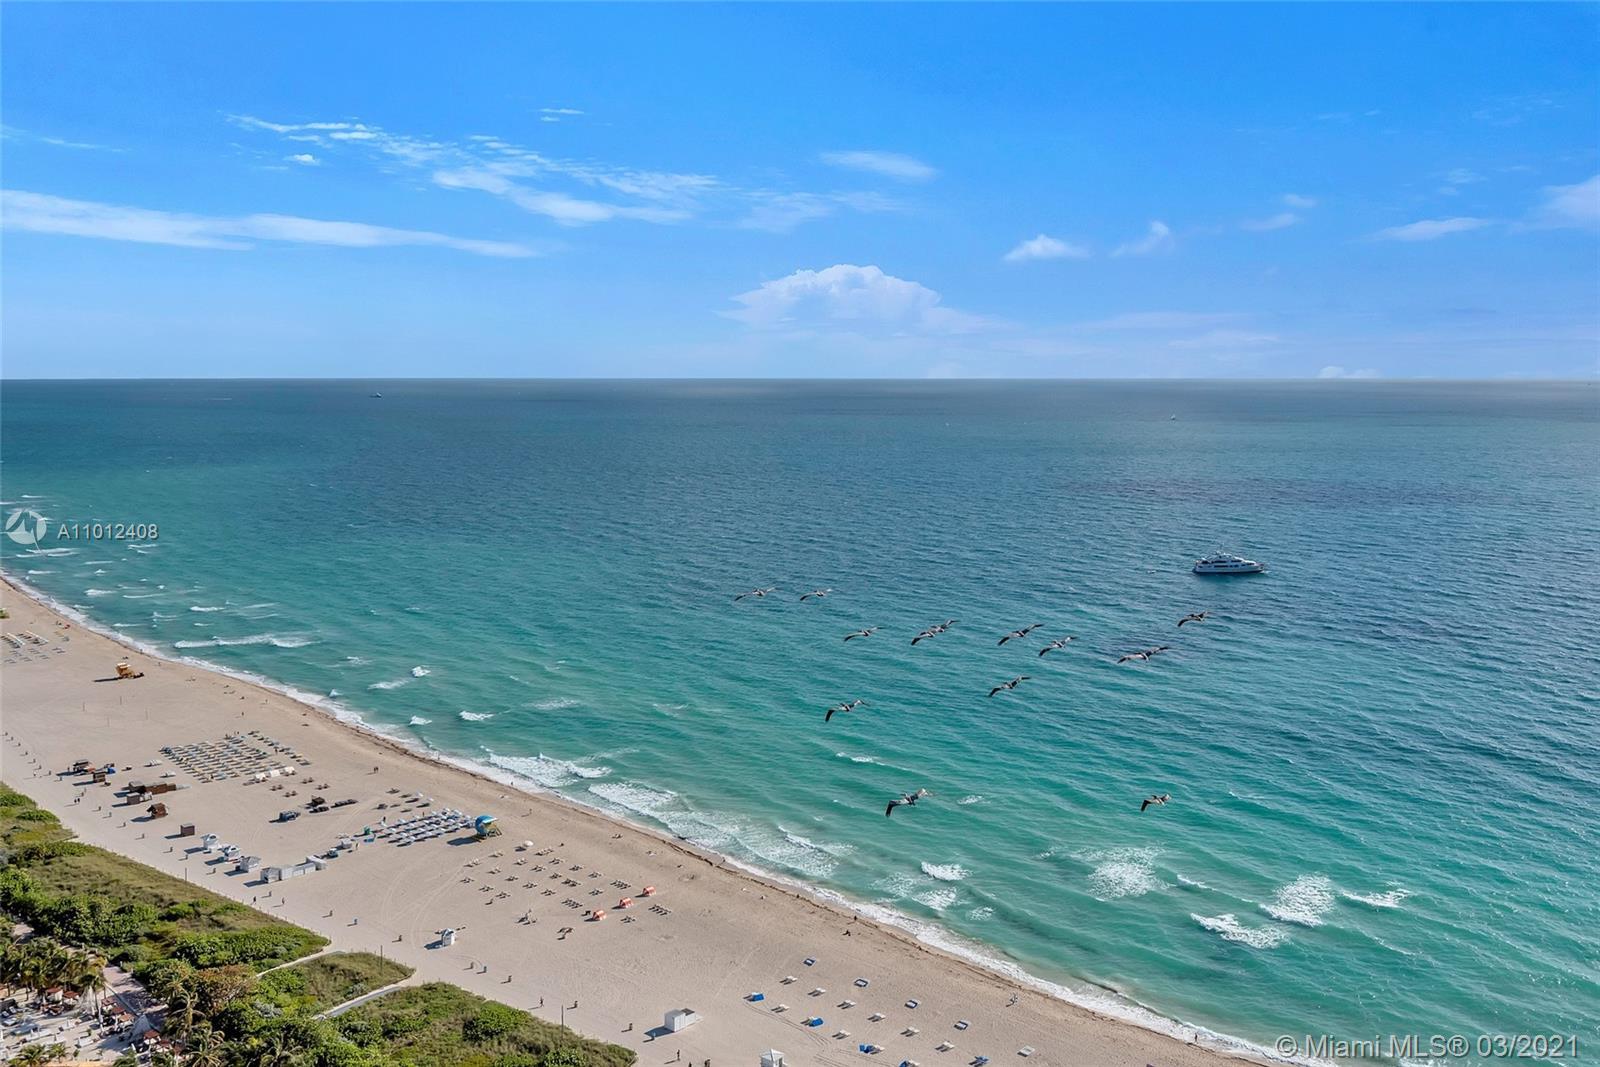 100 Pointe dr-3602 #3603/3604 miami-beach-fl-33139-a11012408-Pic01